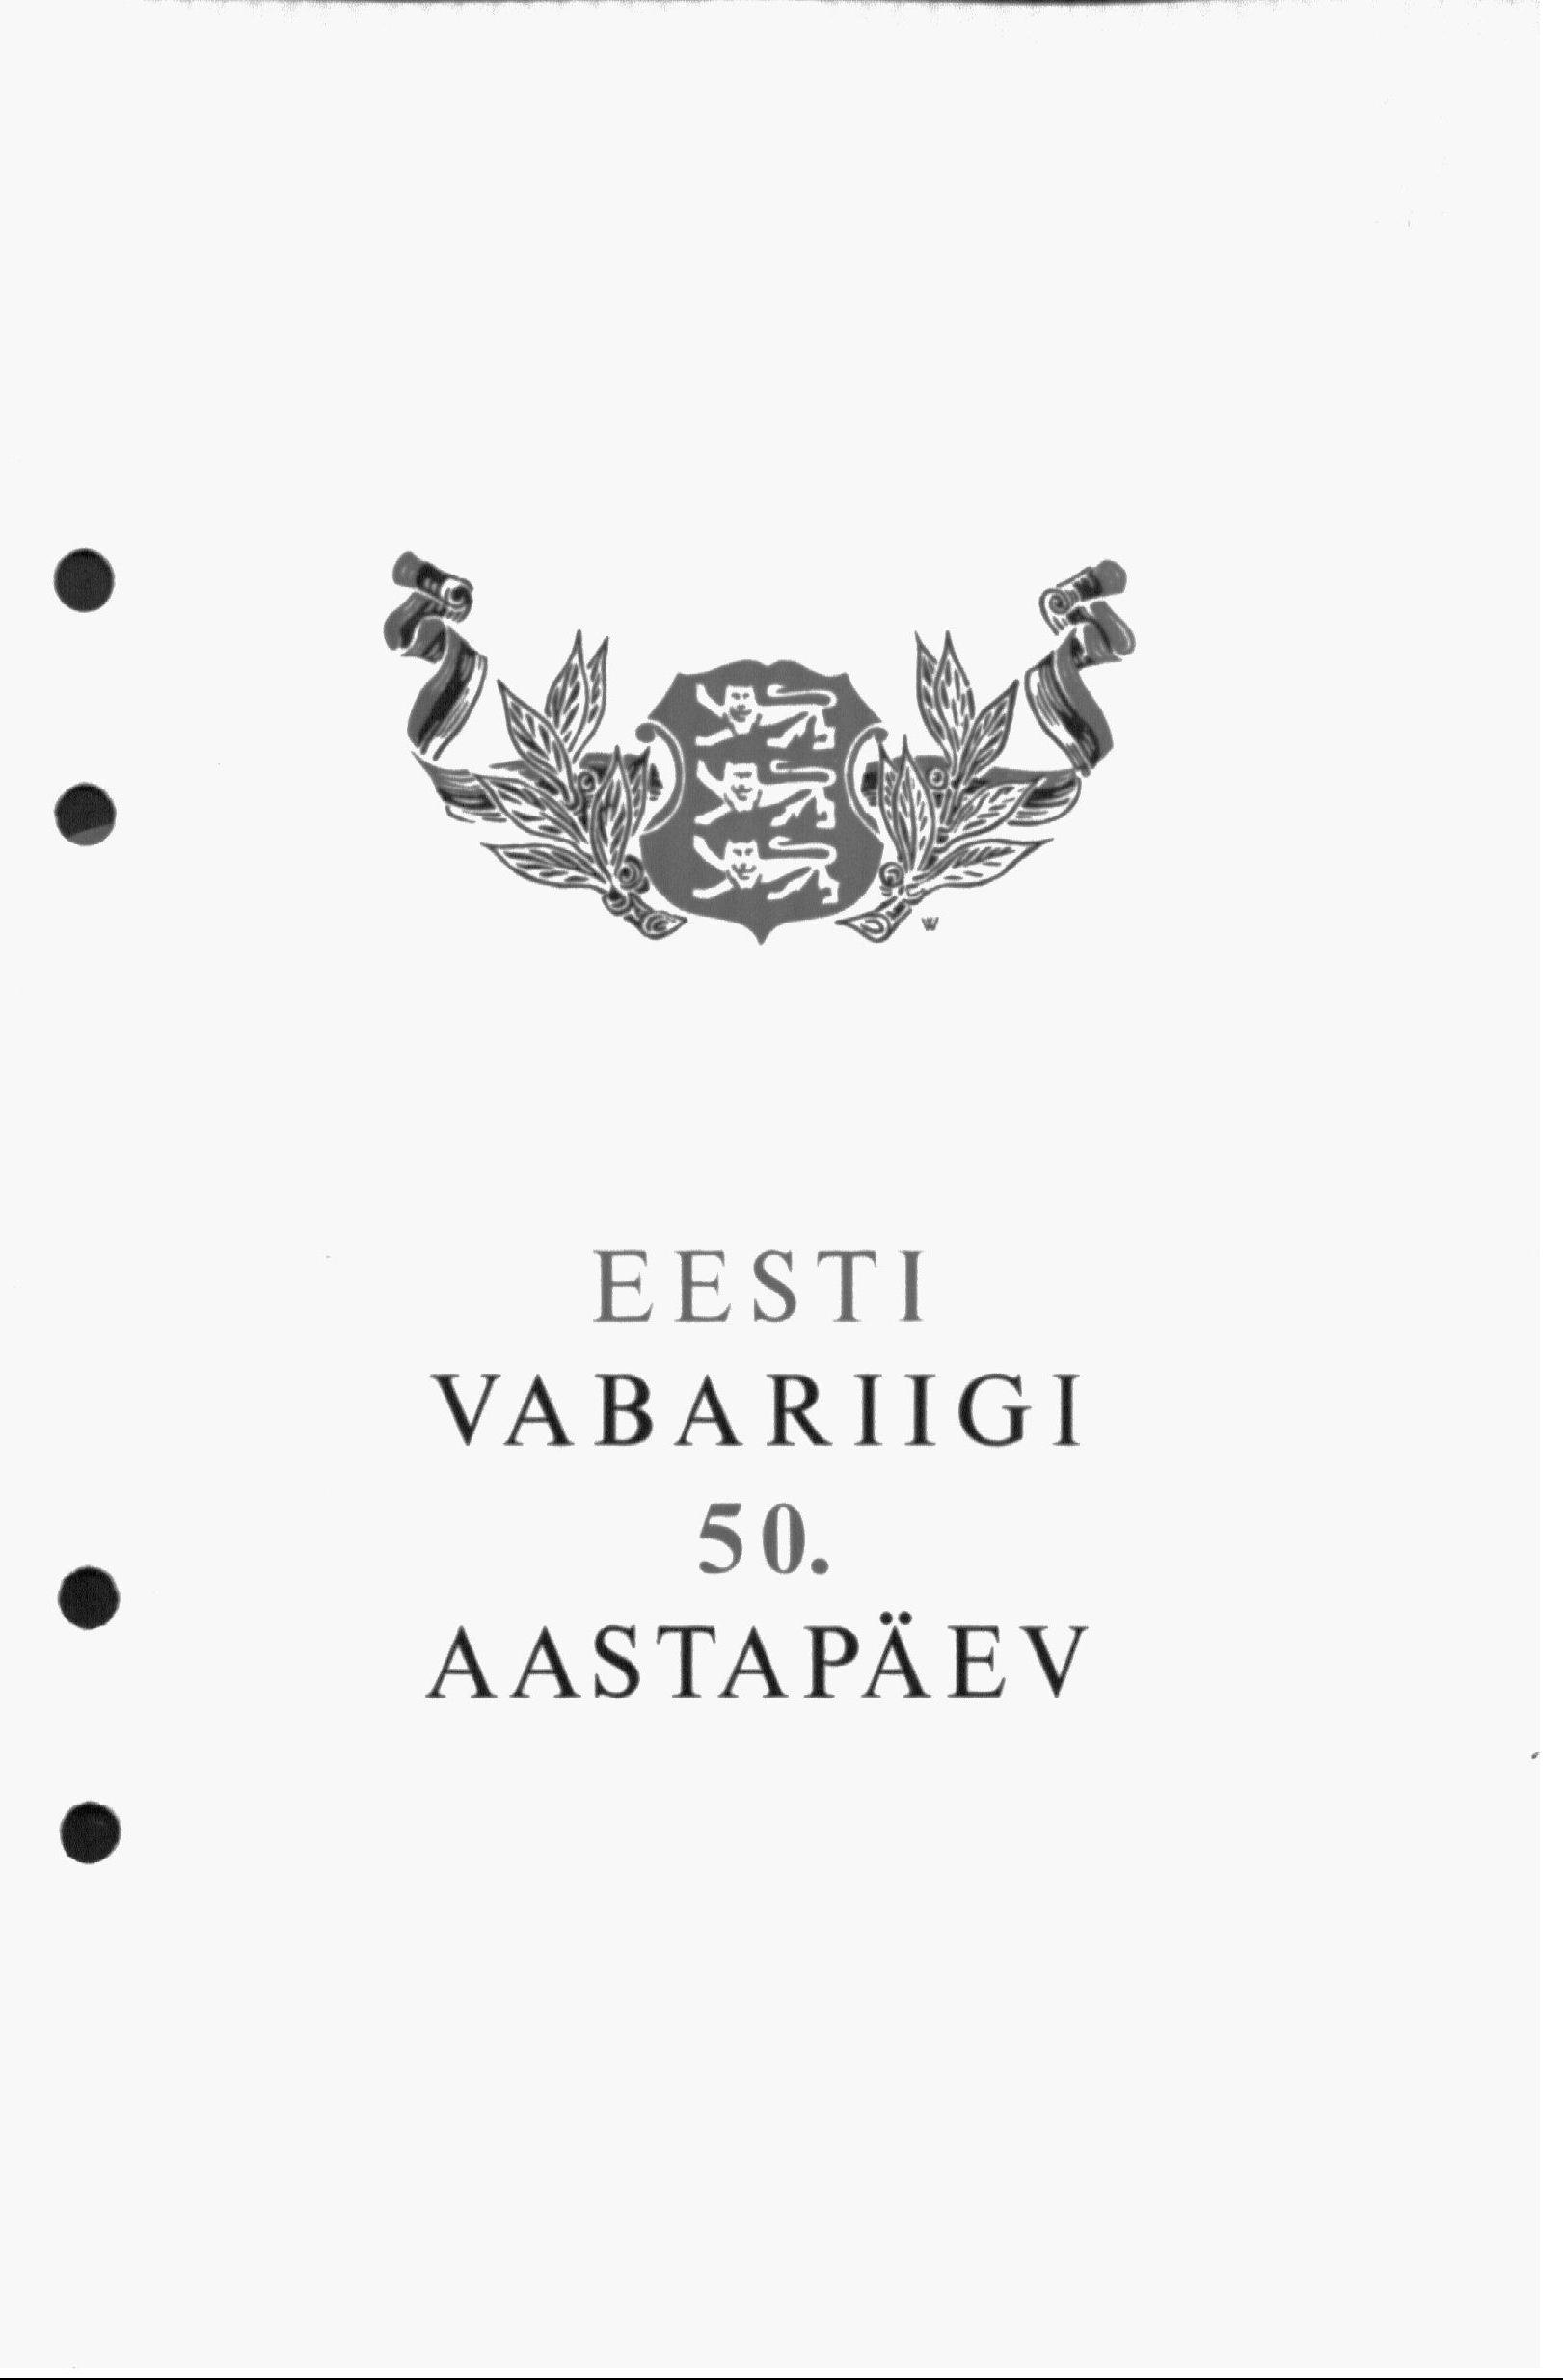 Eesti Vabariigi 50. aastapäeva kontserdi kava esileht. era4935_001_0000193_00078_t